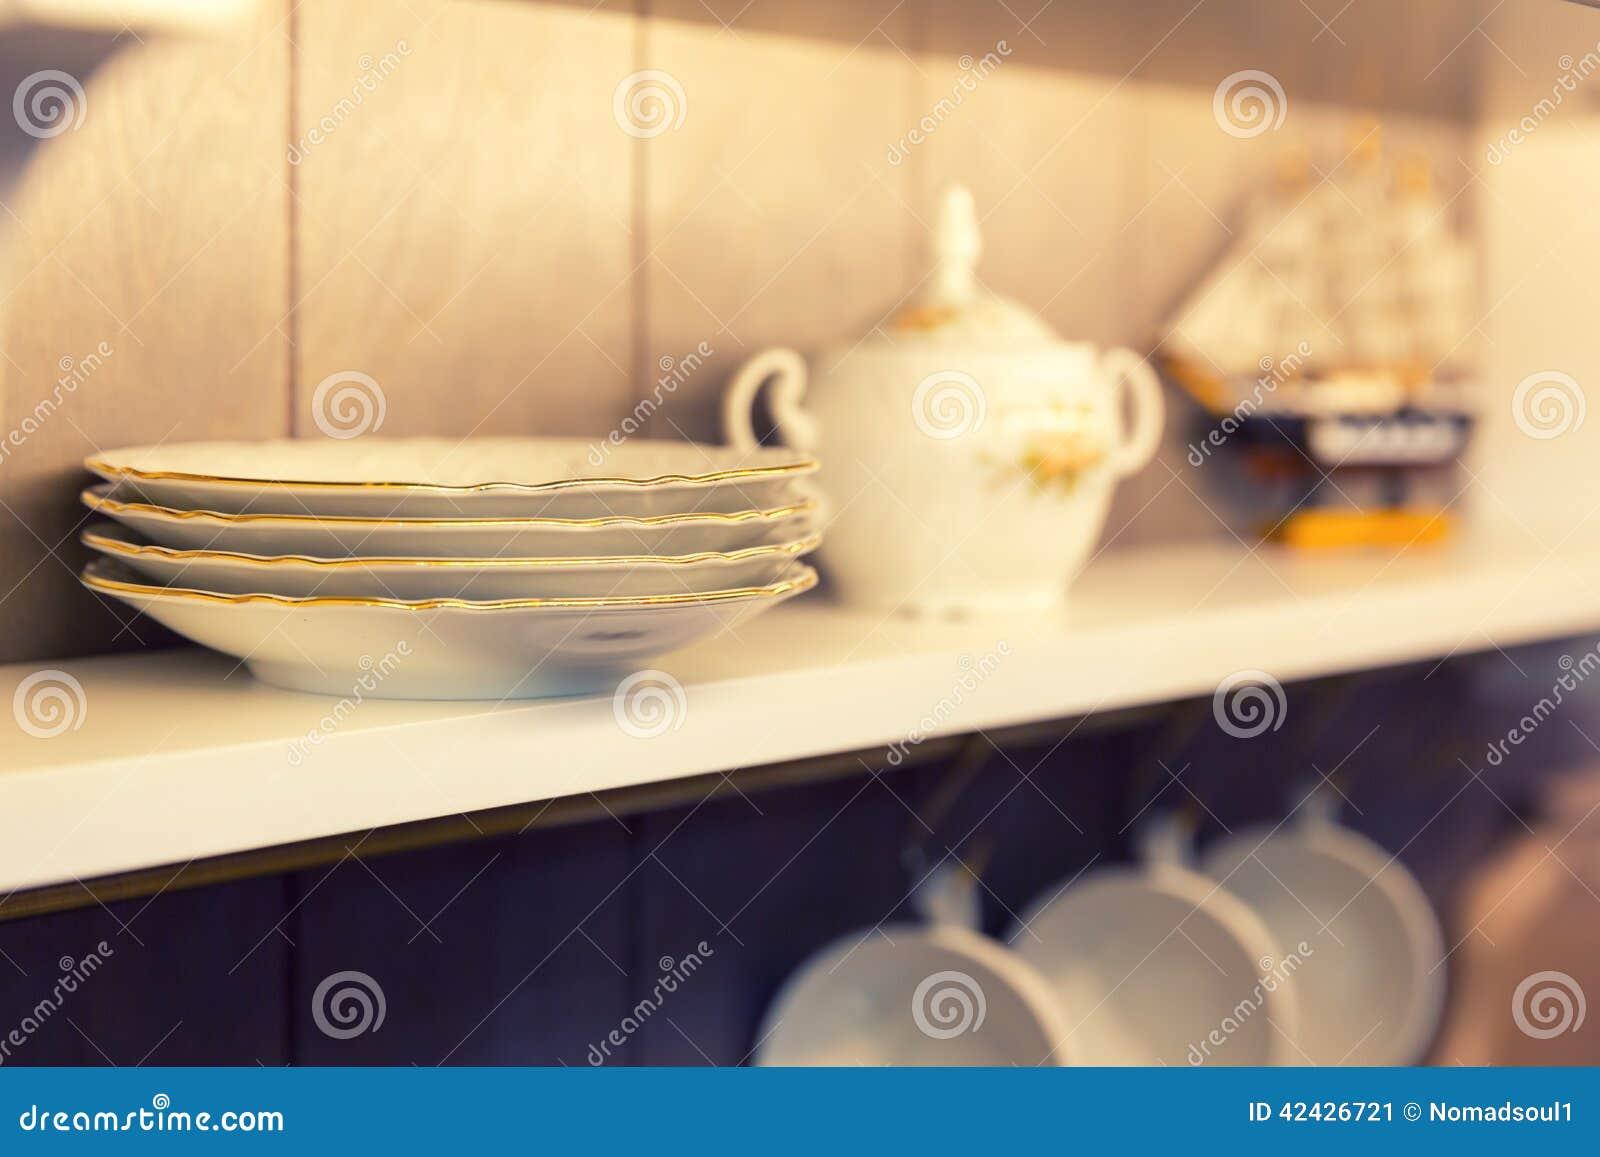 Placas y servicio de mesa blancos en un armario